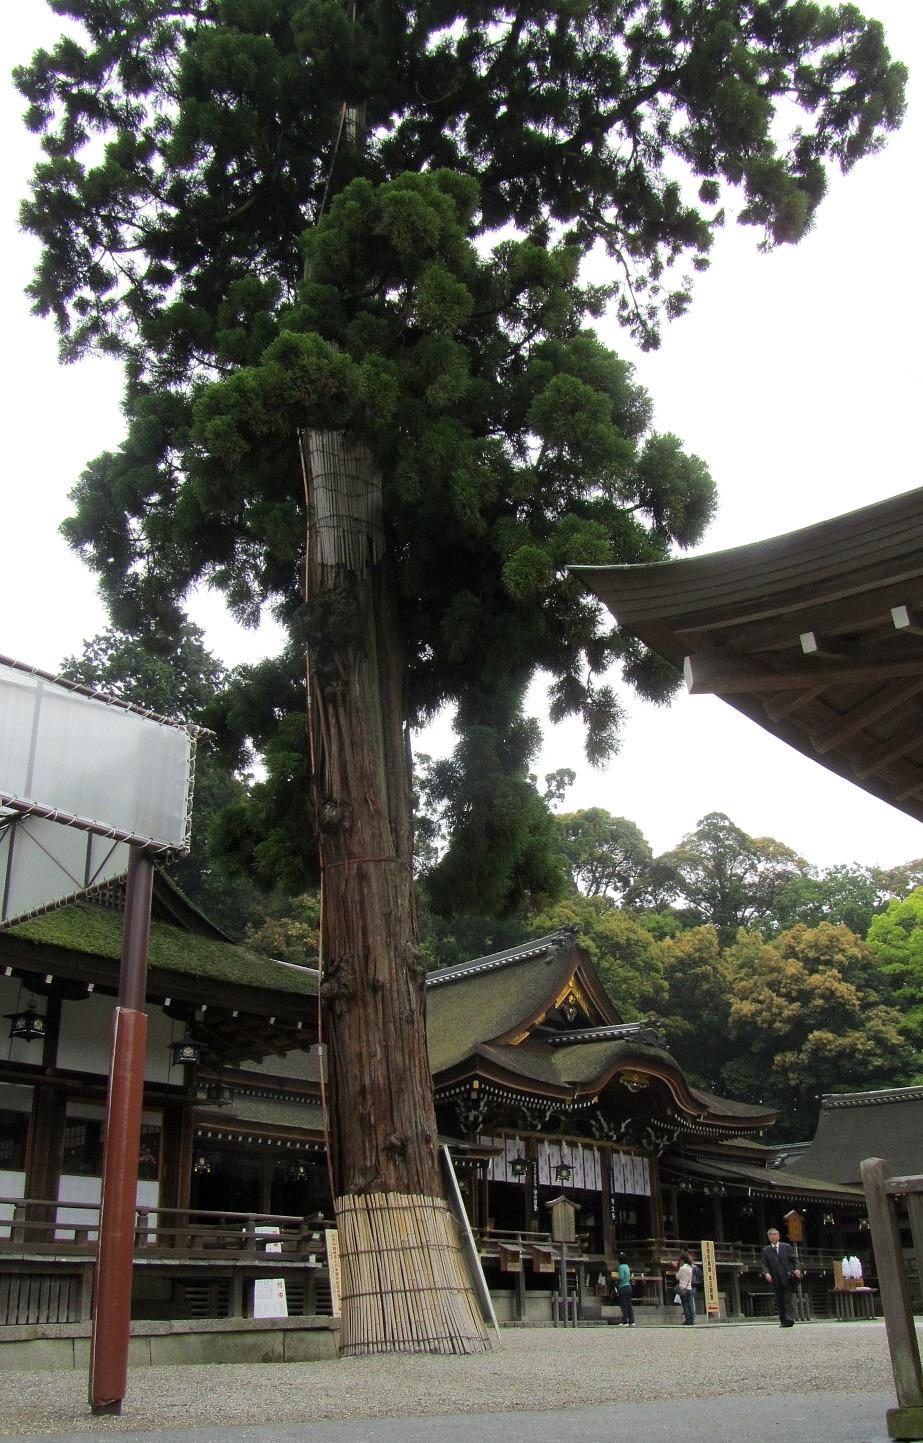 大神神社 奈良県桜井市